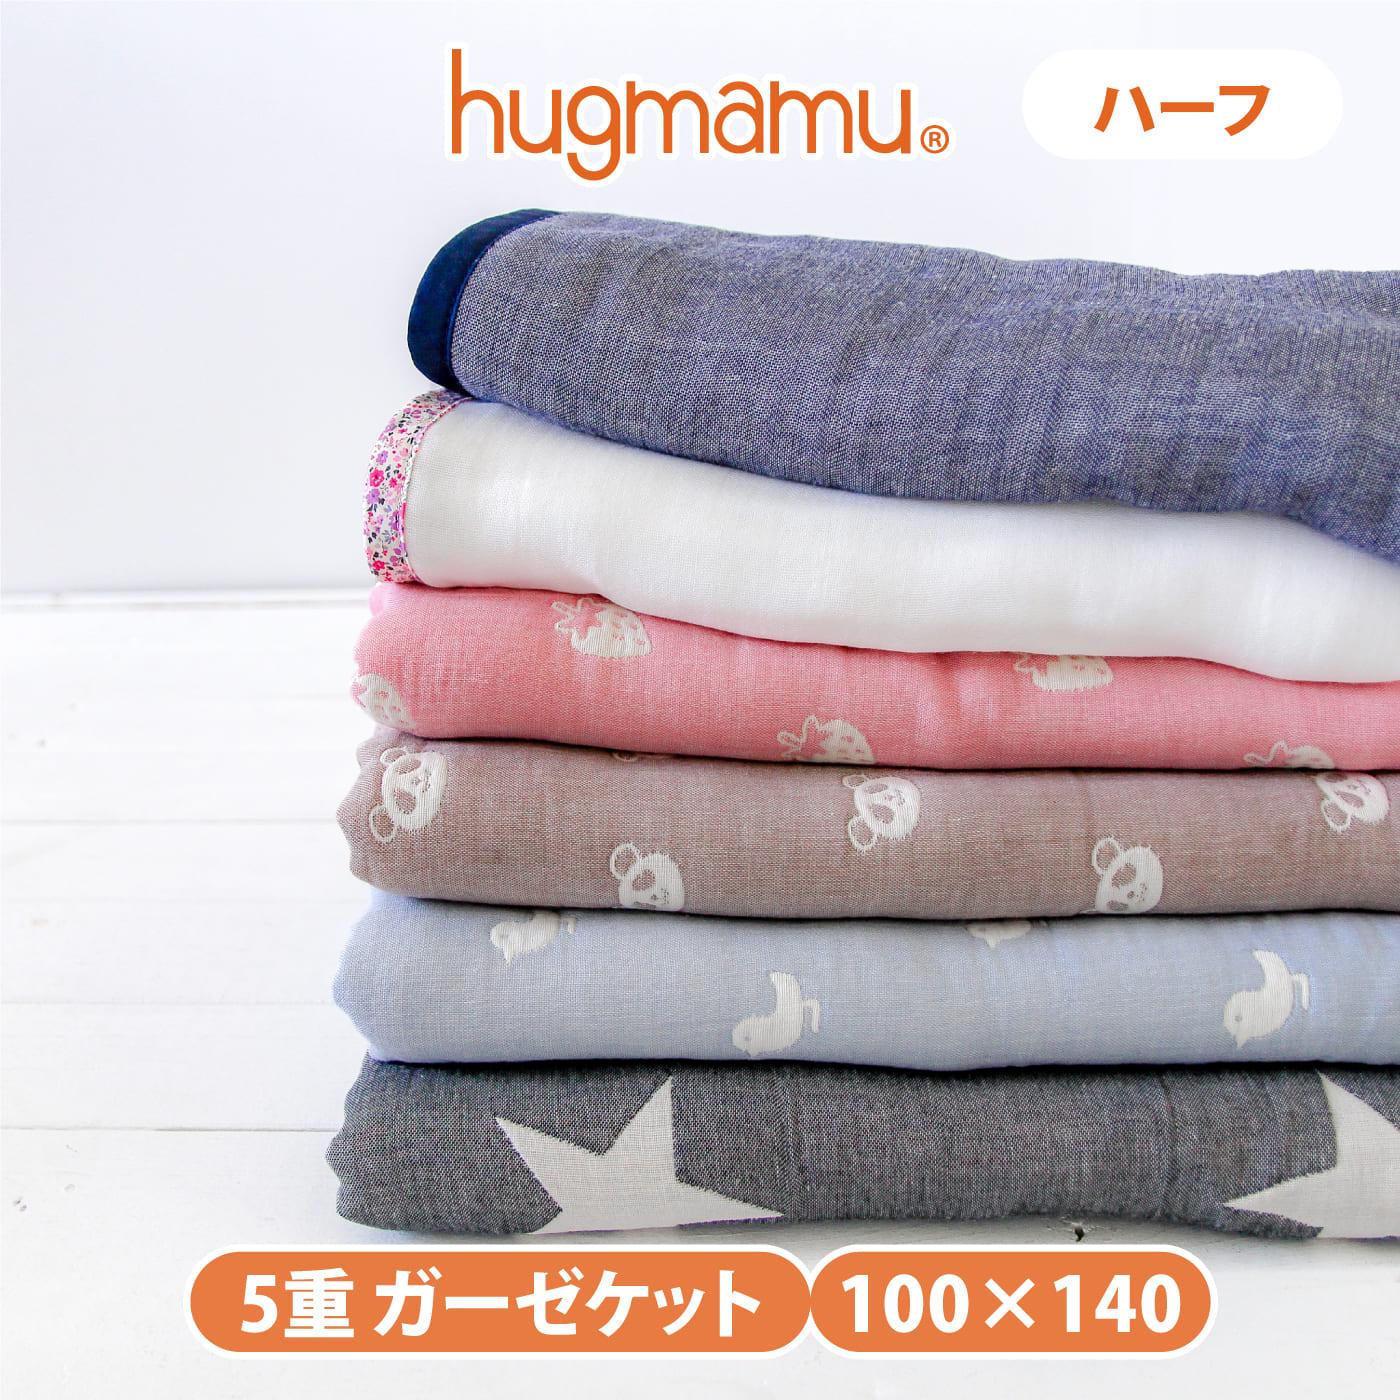 はぐまむ ガーゼケット ハーフ 5重 日本製 三河木綿 タオルケット 100×140